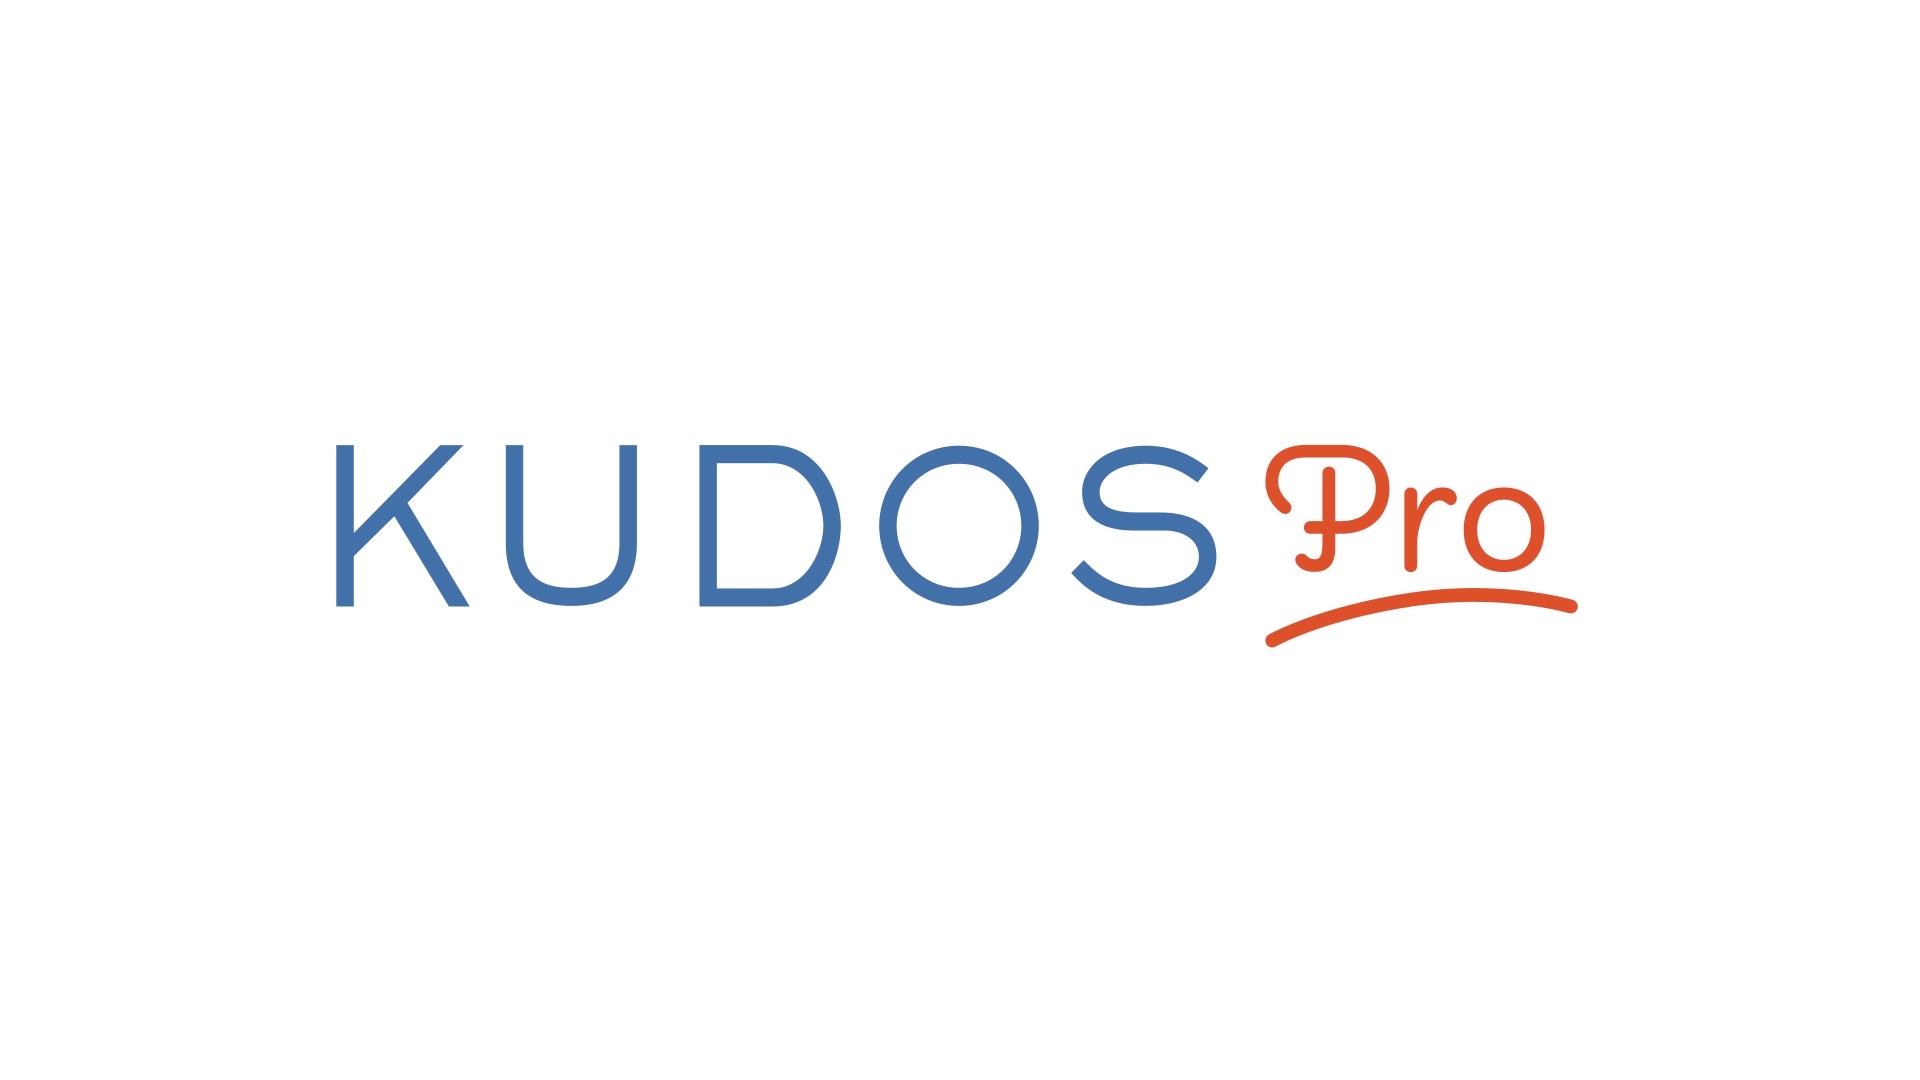 1. Kudos Pro - Make an impact - real world-thumb